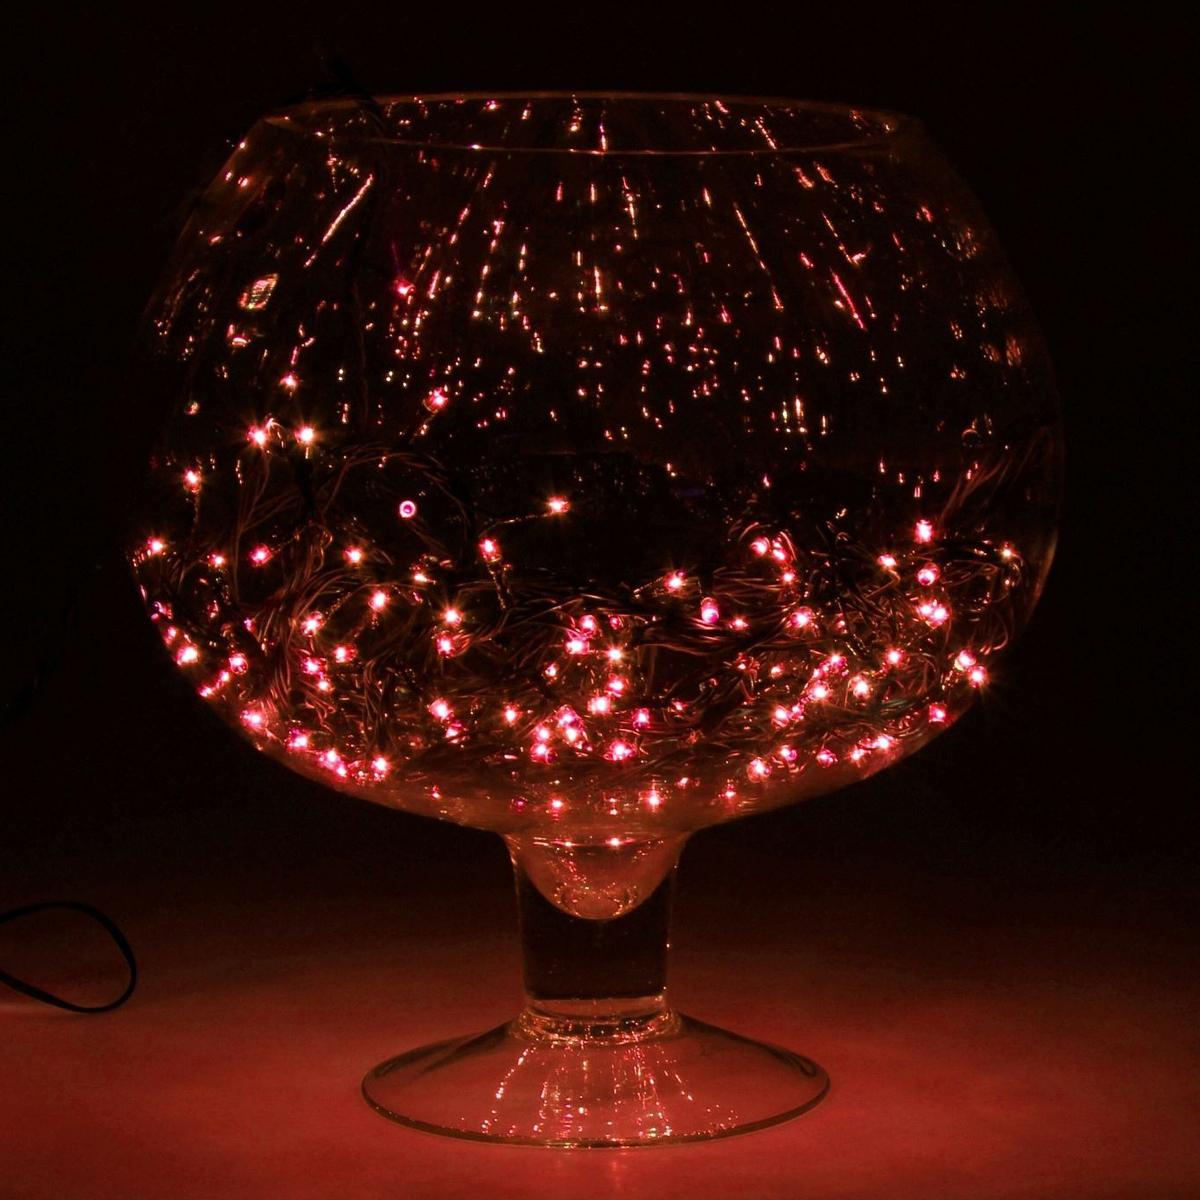 Гирлянда светодиодная Luazon Метраж, цвет: красный, 150 ламп, 8 режимов, 220 V, длина 13 м. 671025671025Светодиодные гирлянды и ленты — это отличный вариант для новогоднего оформления интерьера или фасада. С их помощью помещение любого размера можно превратить в праздничный зал, а внешние элементы зданий, украшенные ими, мгновенно станут напоминать очертания сказочного дворца. Такие украшения создают ауру предвкушения чуда. Деревья, фасады, витрины, окна и арки будто специально созданы, чтобы вы украсили их светящимися нитями.